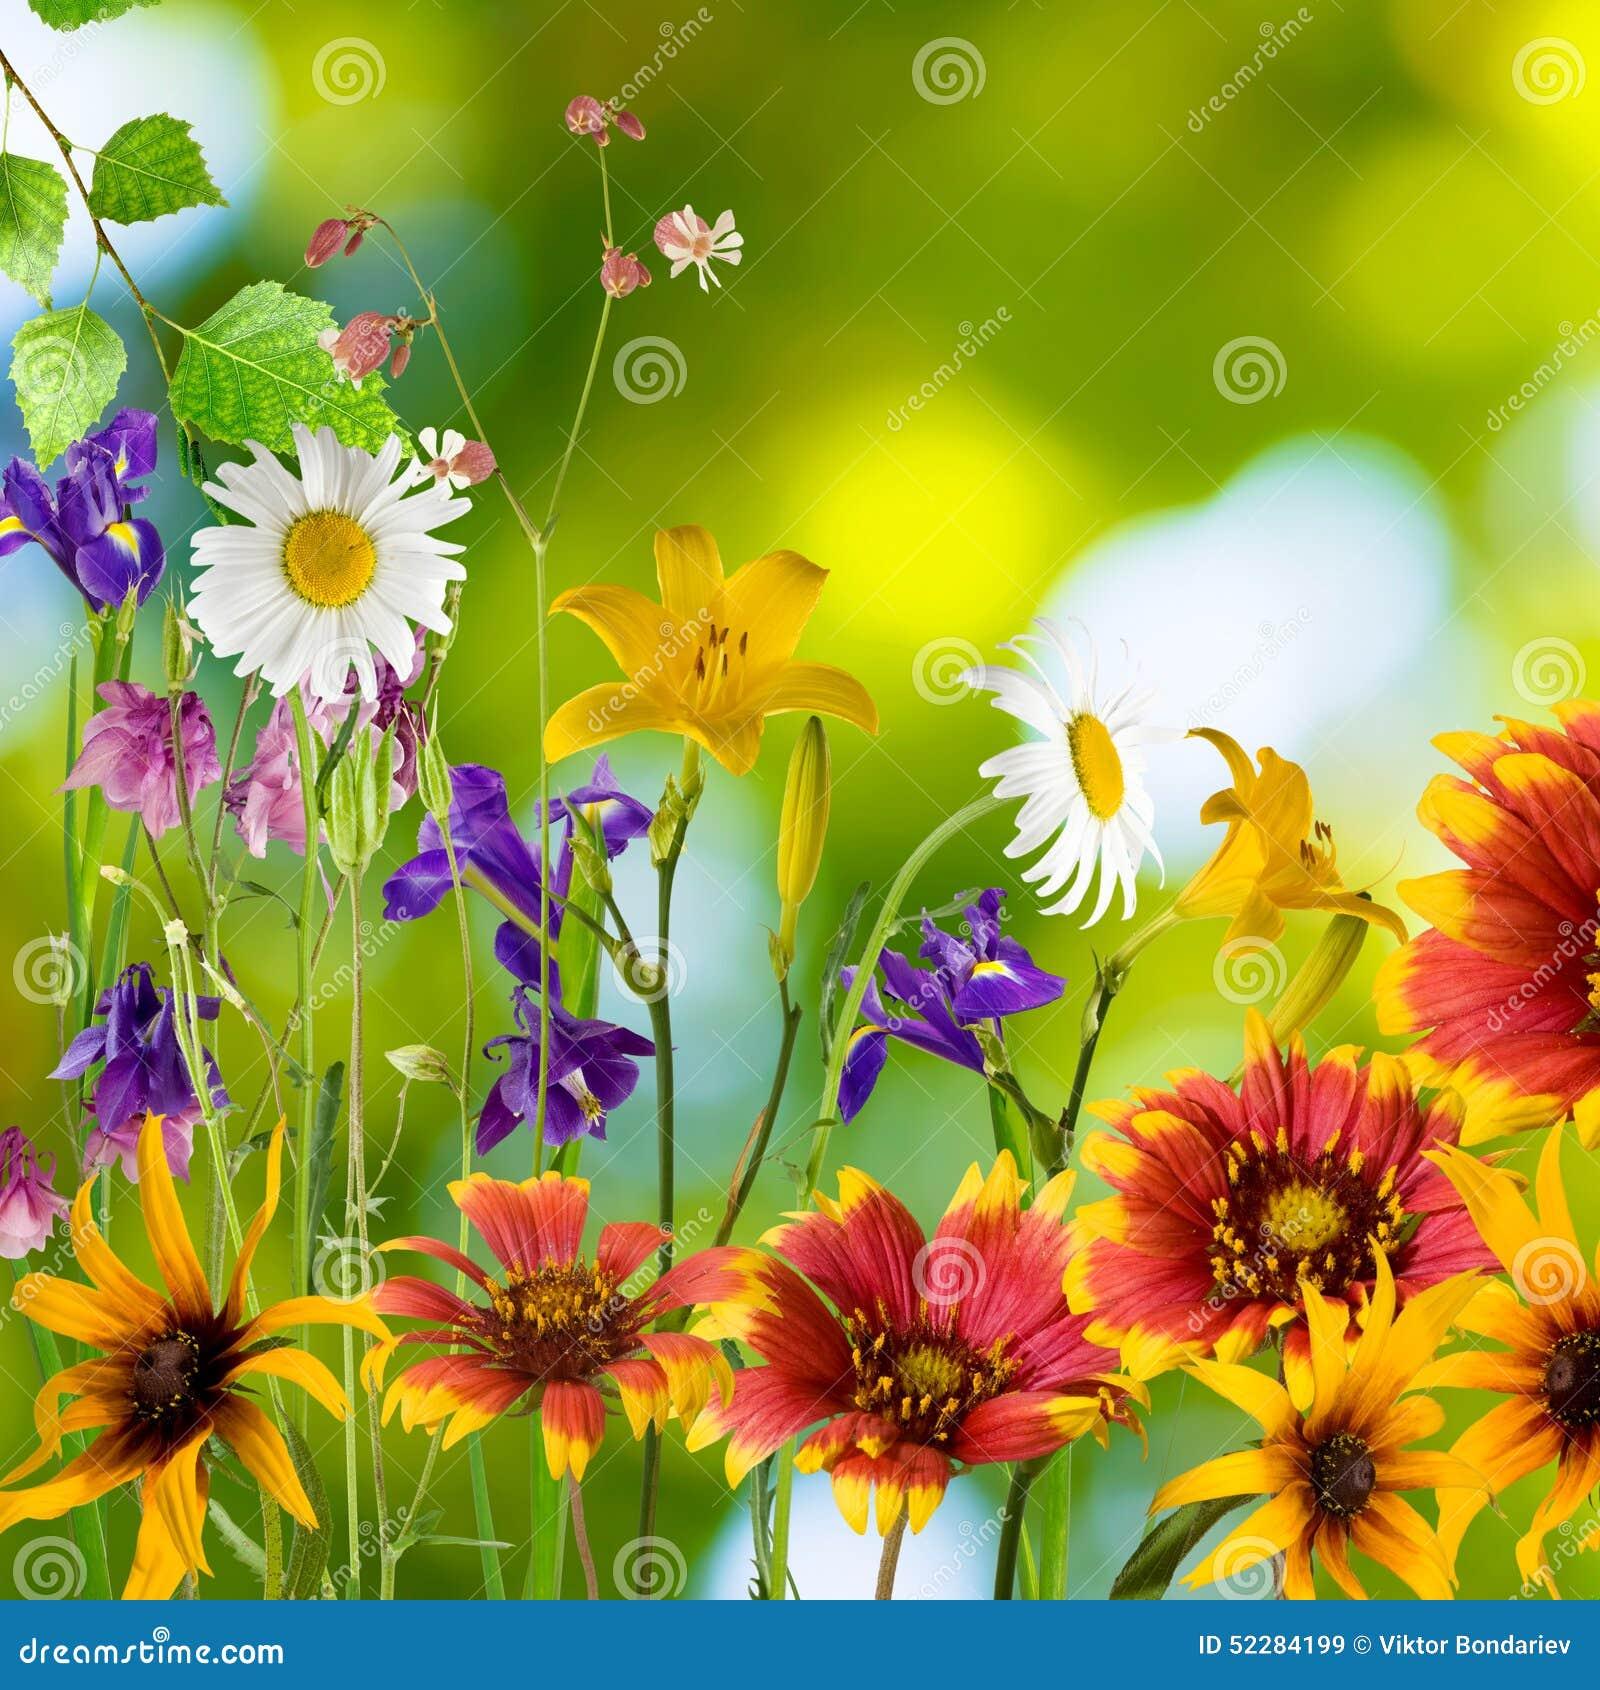 Schöne Blumen Im Garten Auf Einem Grünen Hintergrund Stockbild